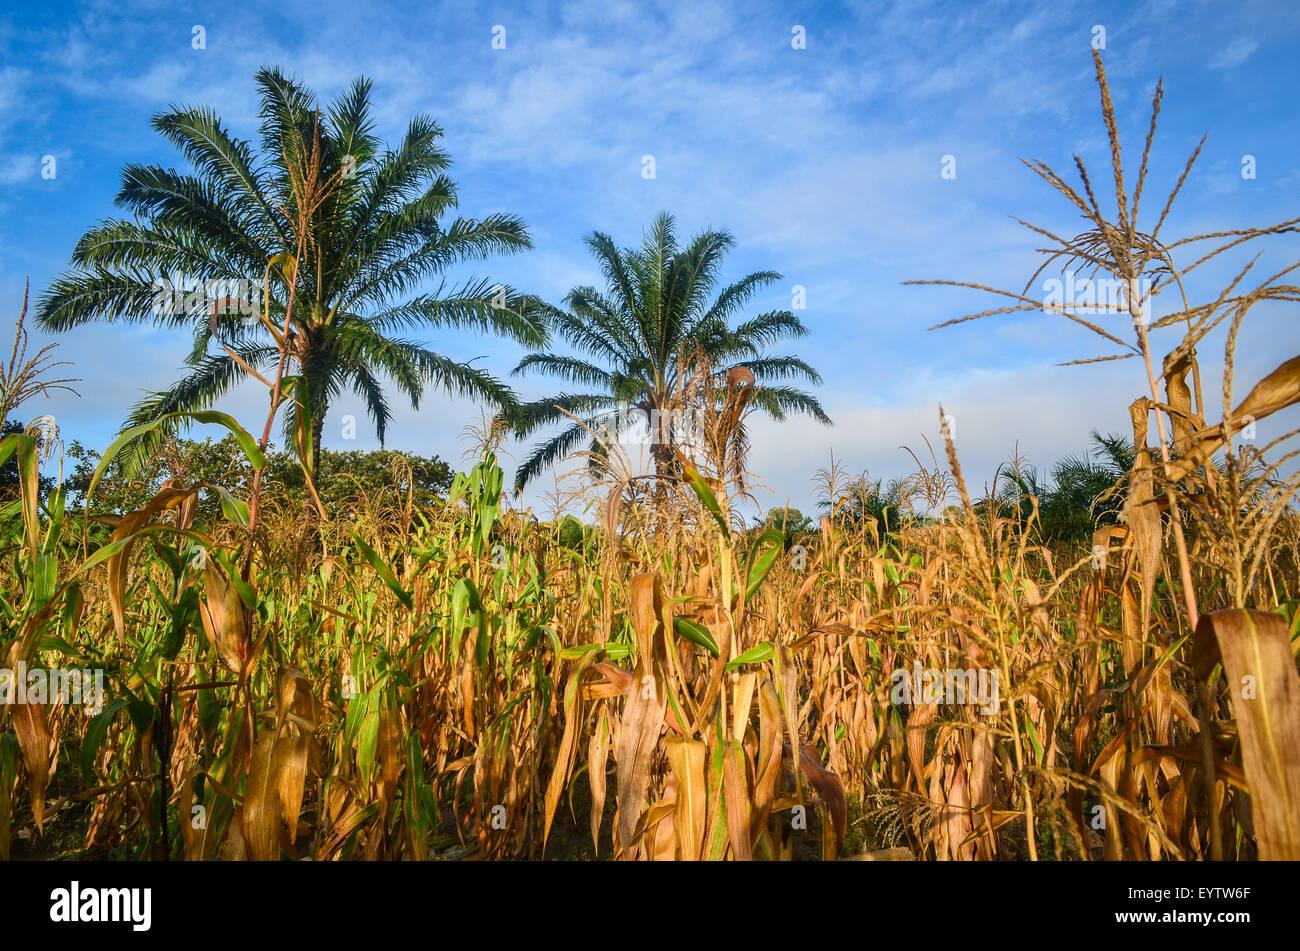 Los campos de maíz (maíz) en la provincia de Cuanza Sul de Angola al amanecer y palmeras en entre Imagen De Stock